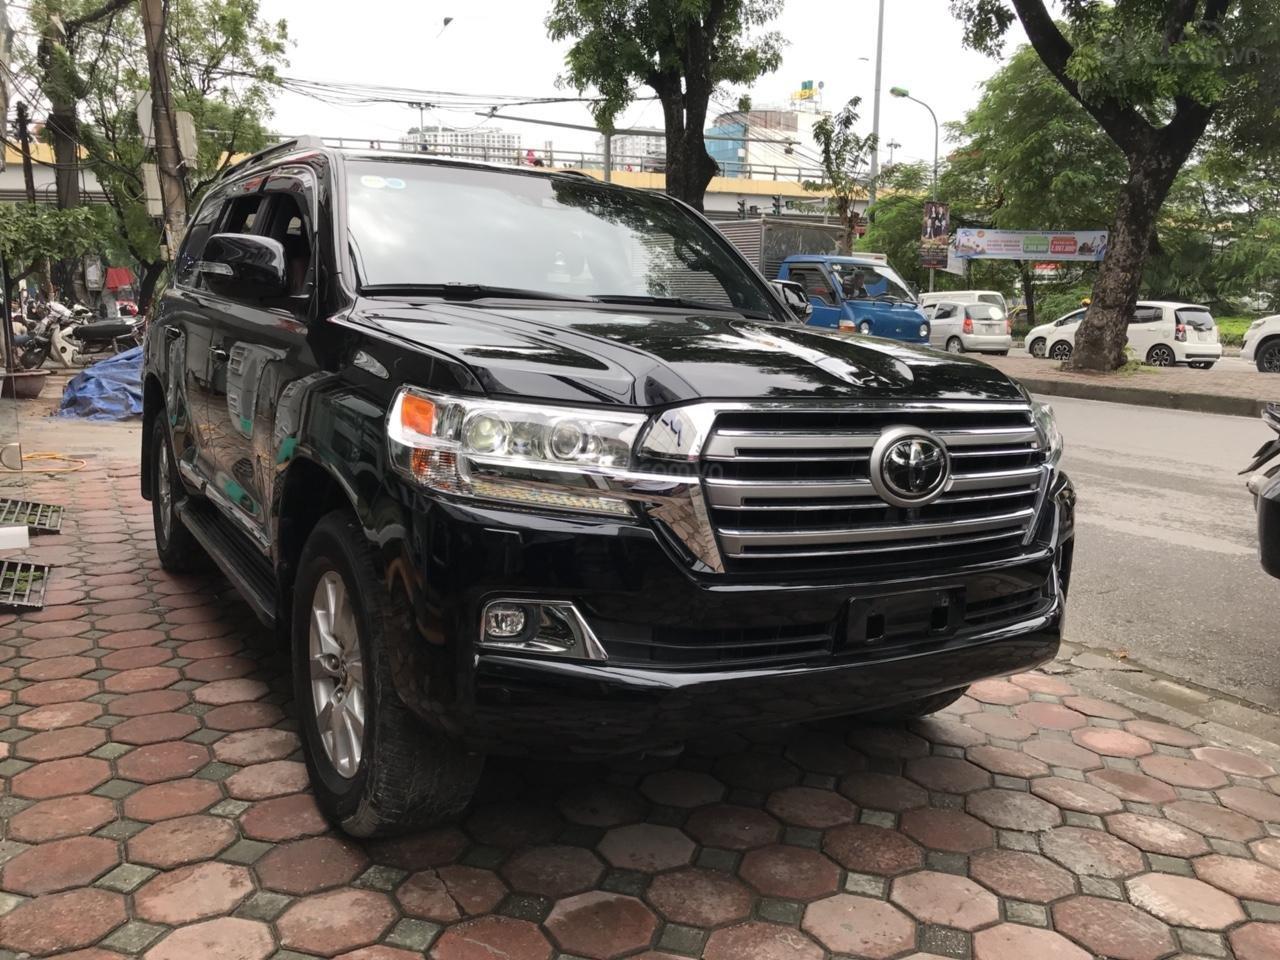 MT Auto bán Toyota Land Cruiser V8 5.7 SX 2016, xe mới 100% màu đen, xe nhập Mỹ nguyên chiếc - LH em Hương 0945392468-1